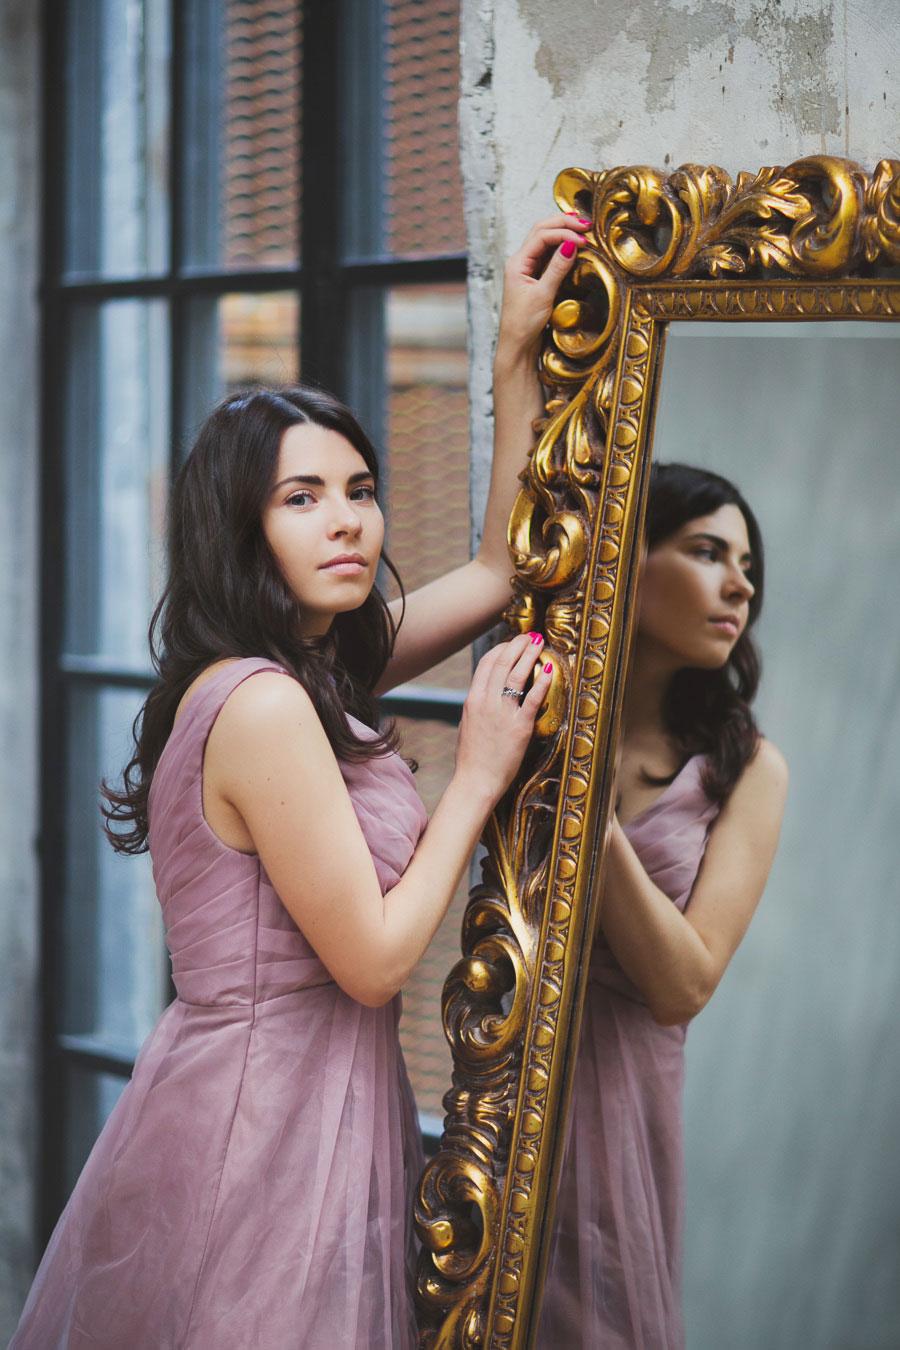 Платье для фотосессии нюдового оттенка